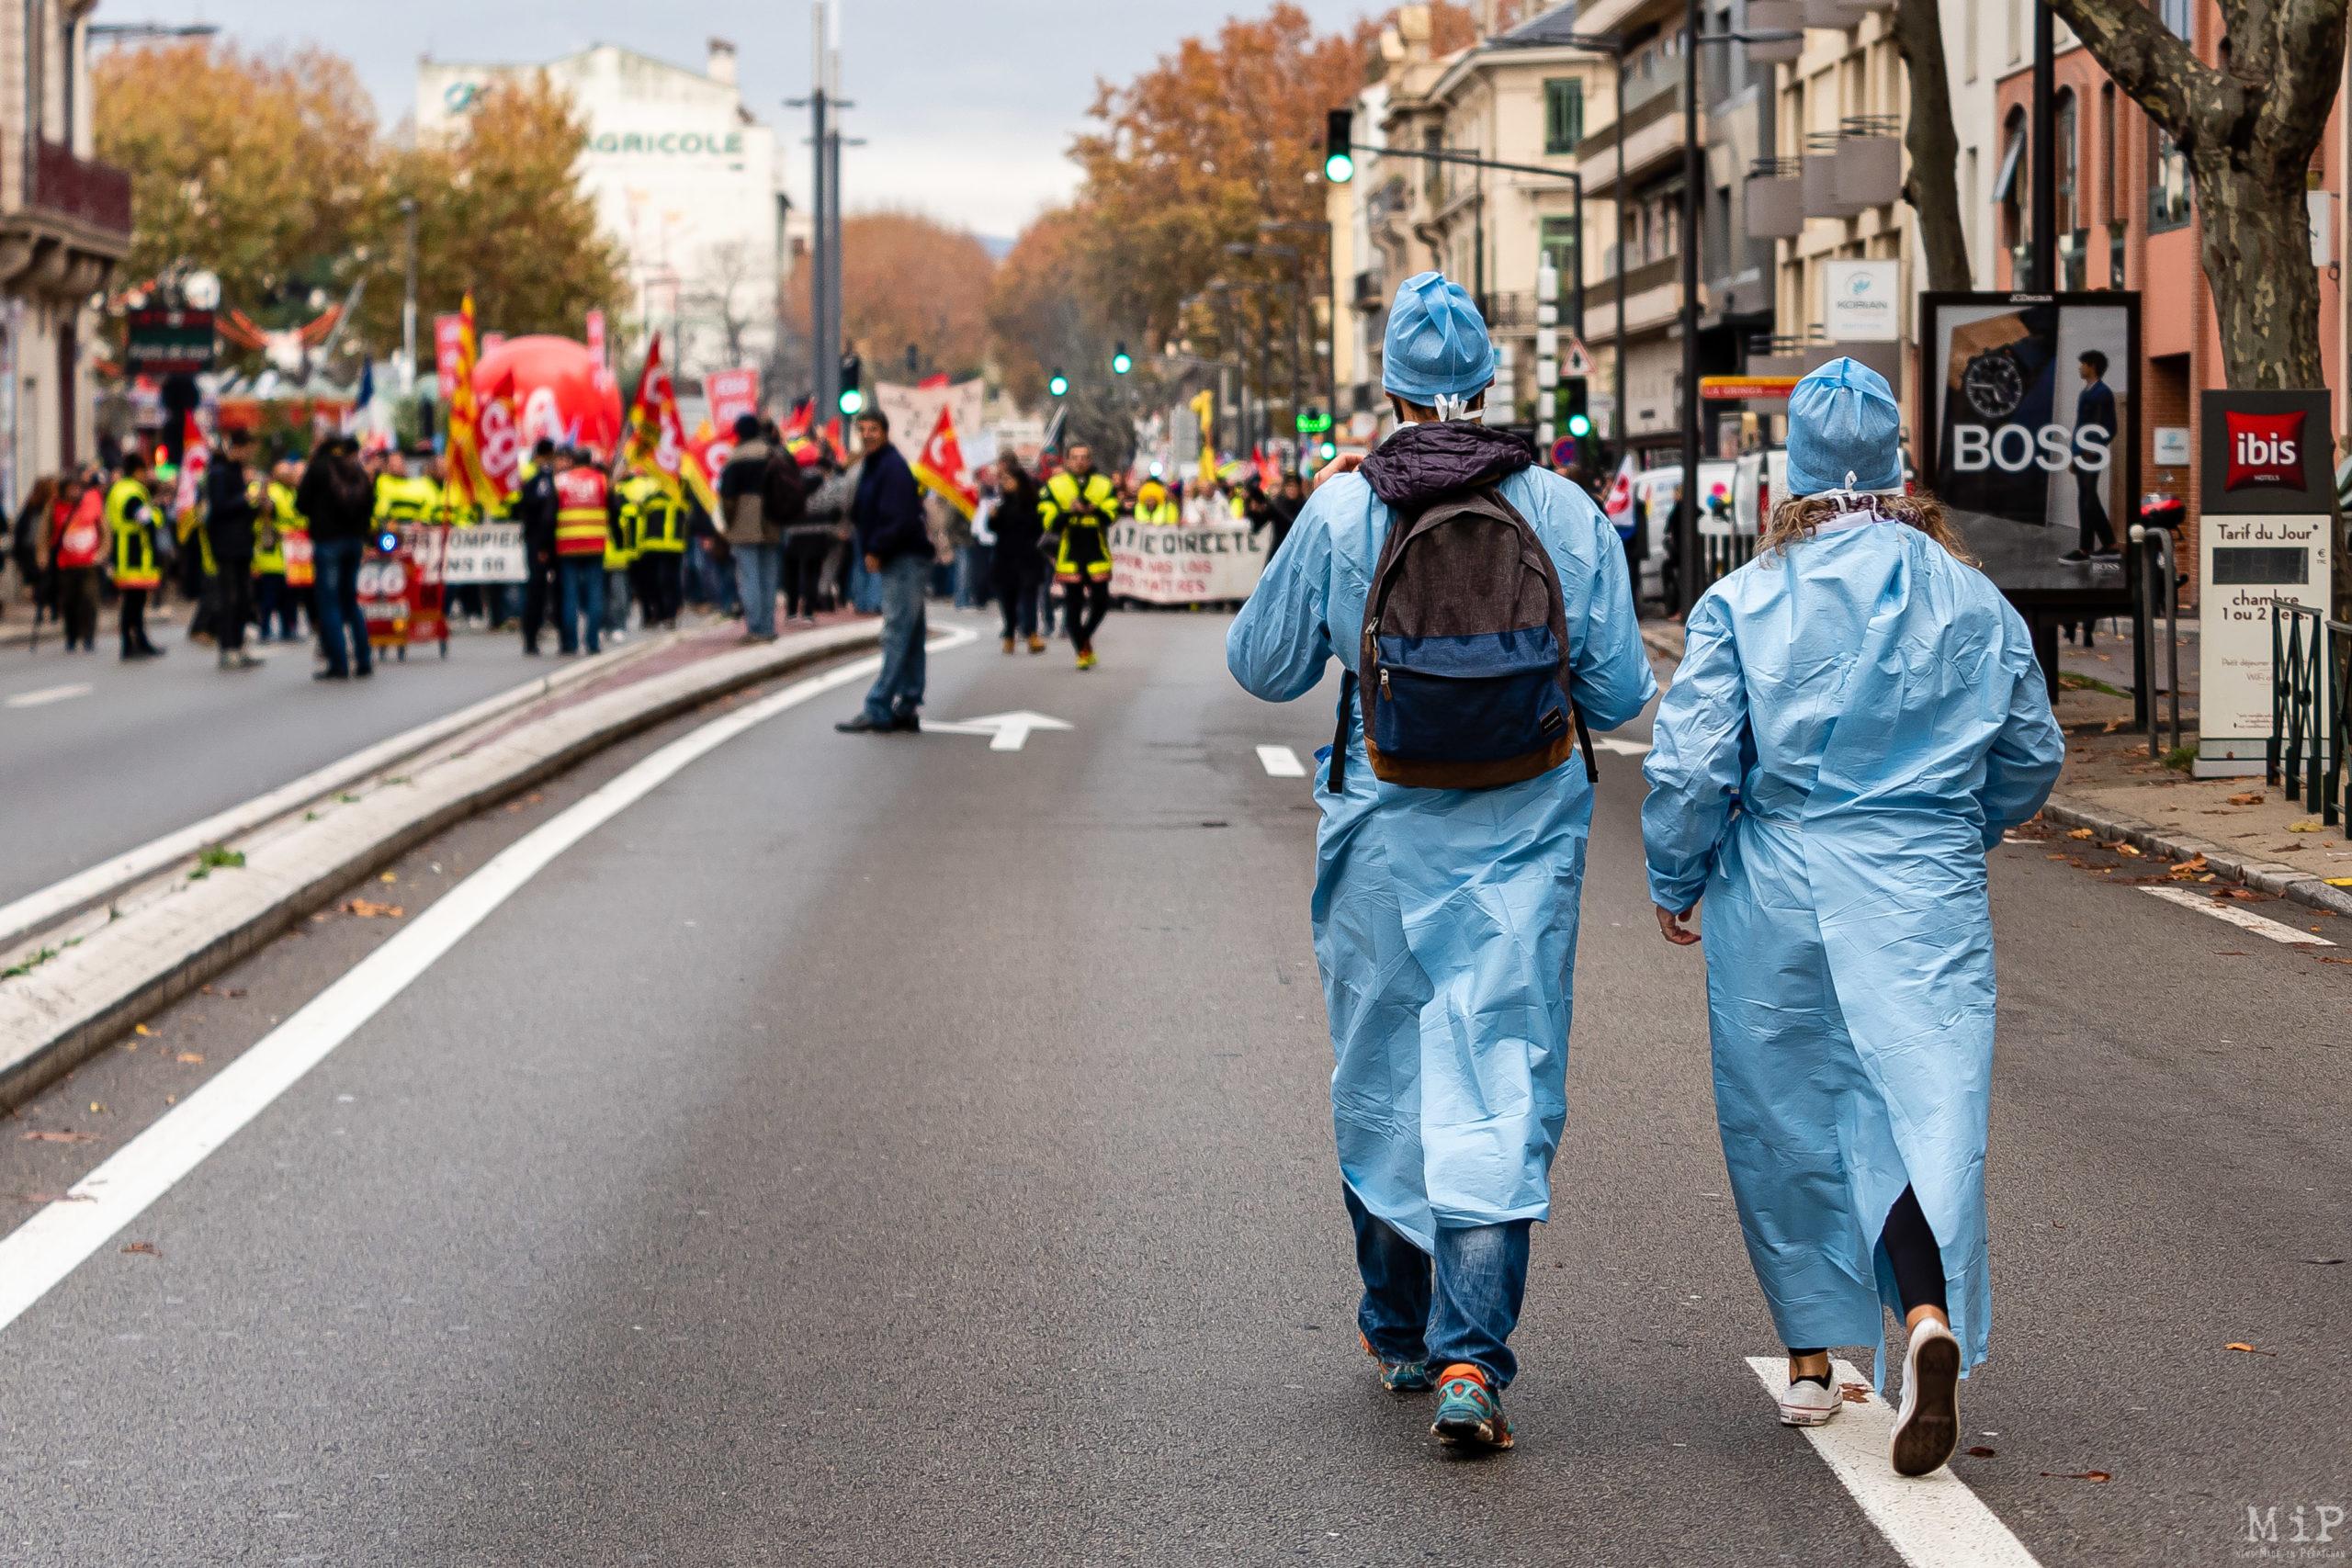 Rétrospective actualité Pyrénées-Orientales 2019 - Manifestations Grève réforme des retraites